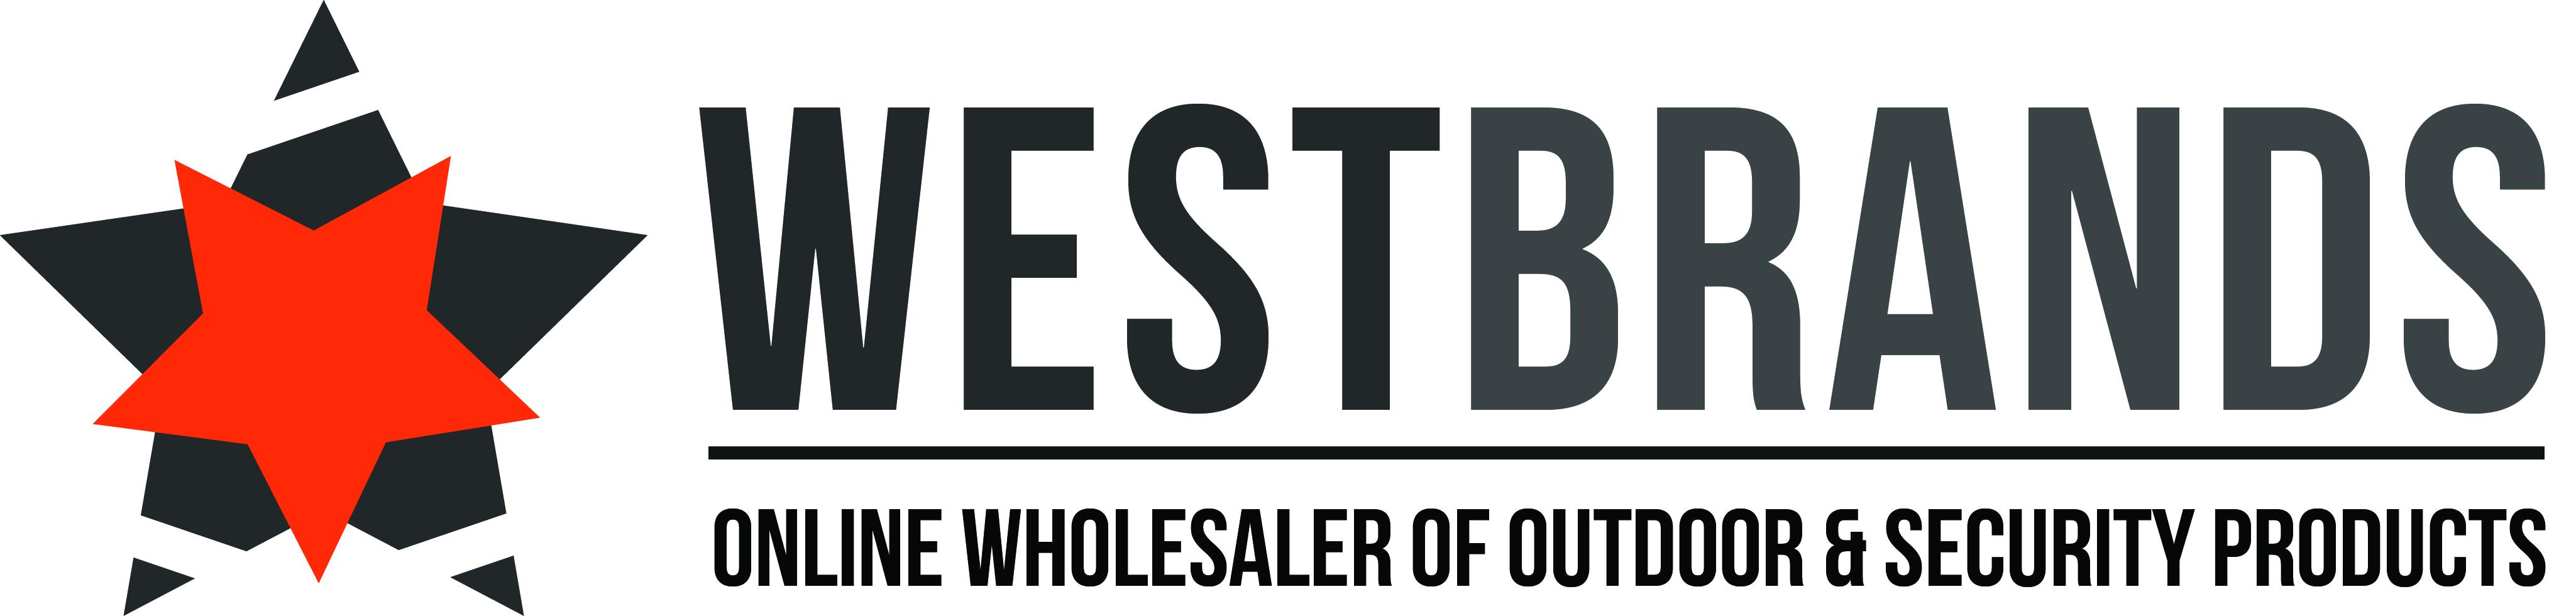 Outdoor Retailer Australia - Snow and Outdoor Trade Association